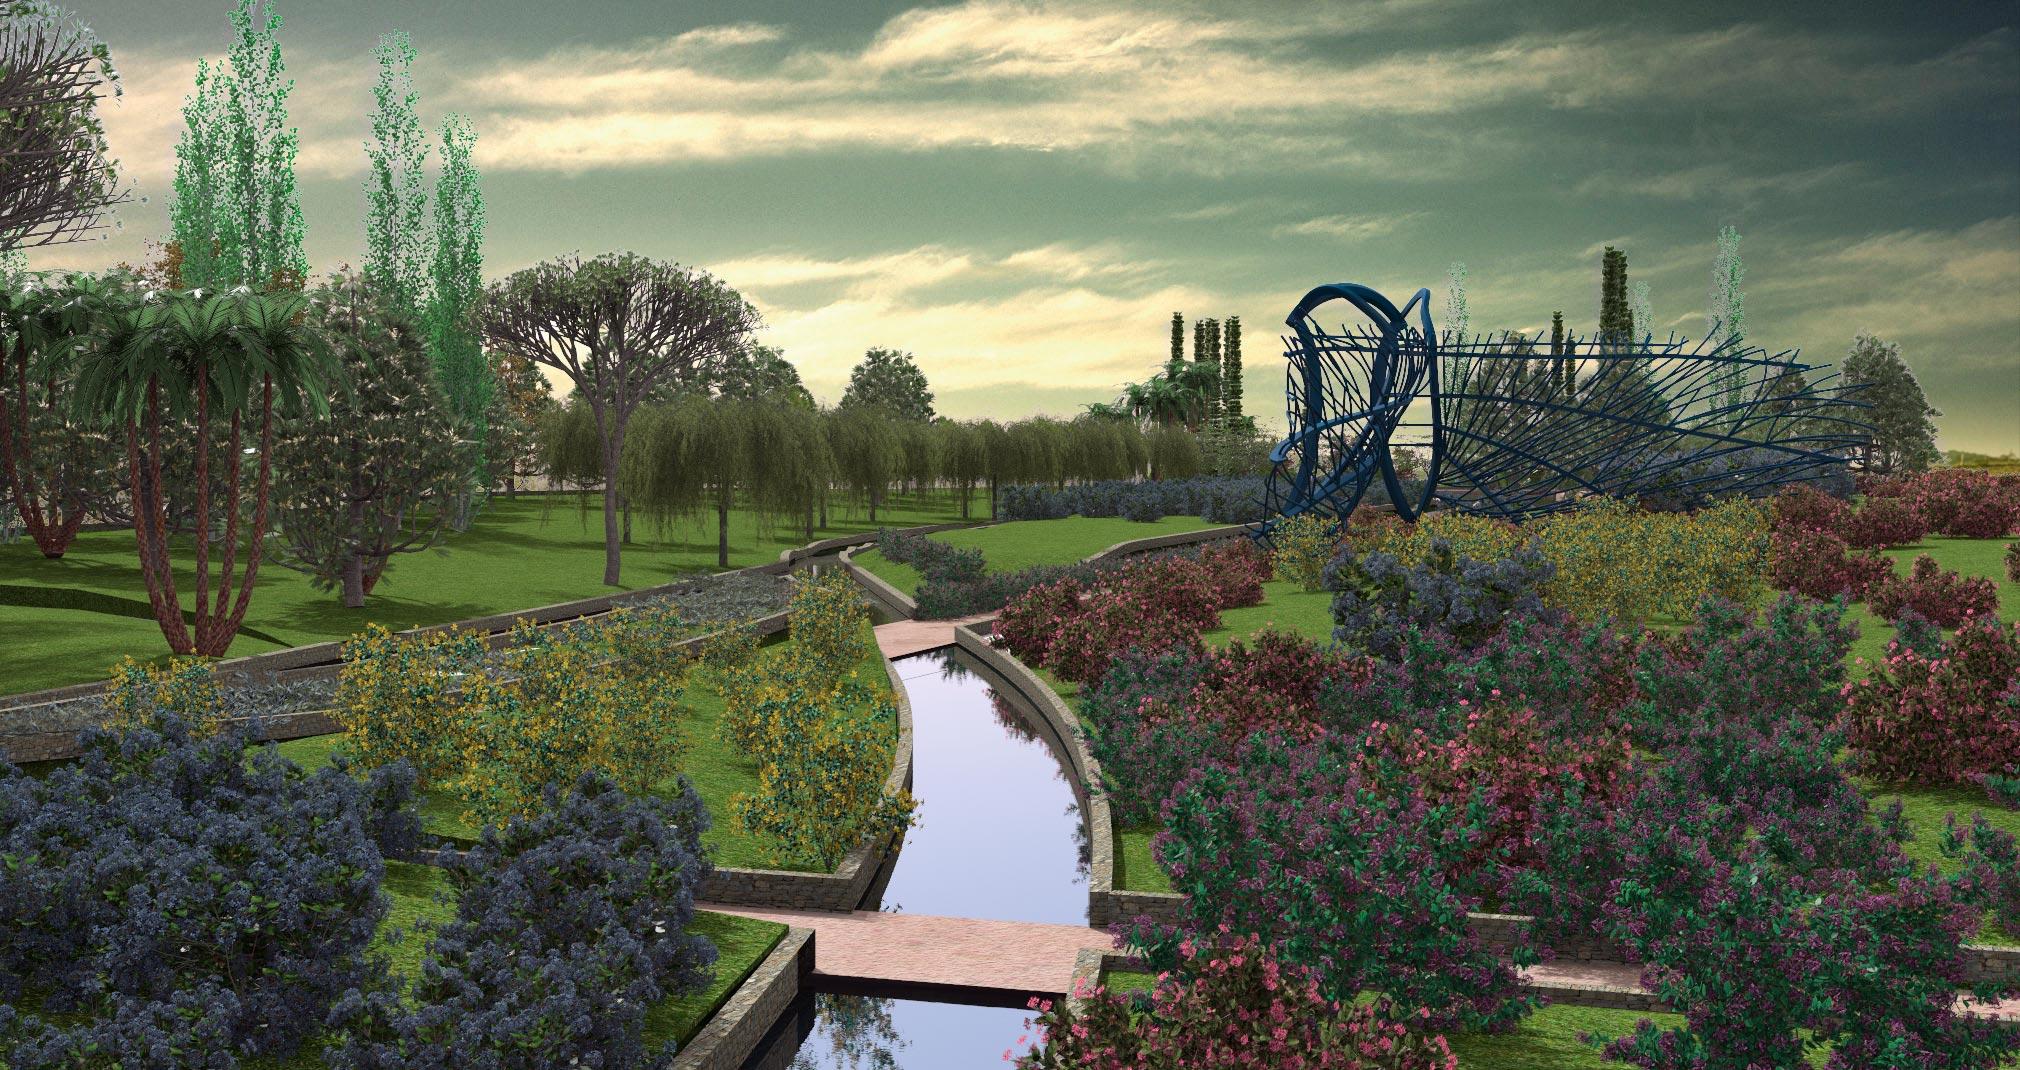 Curso de lands design dise o de parques y jardines en autocad for Diseno de parques y jardines